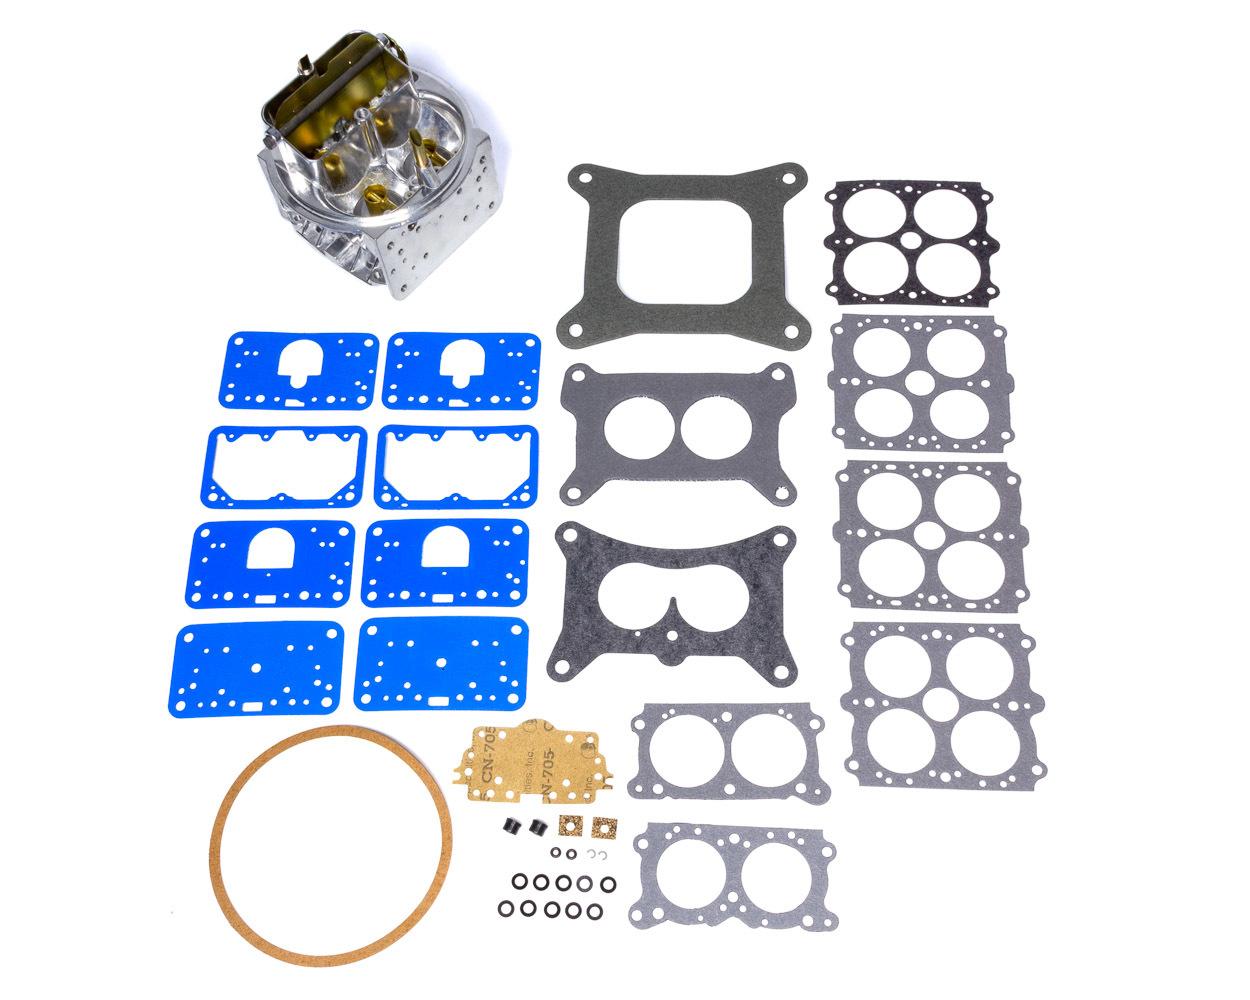 Holley 134-331 Carburetor Main Body, Replacement, 600 CFM, Aluminum, Silver, Holley Classic 4160 Carburetor, Kit